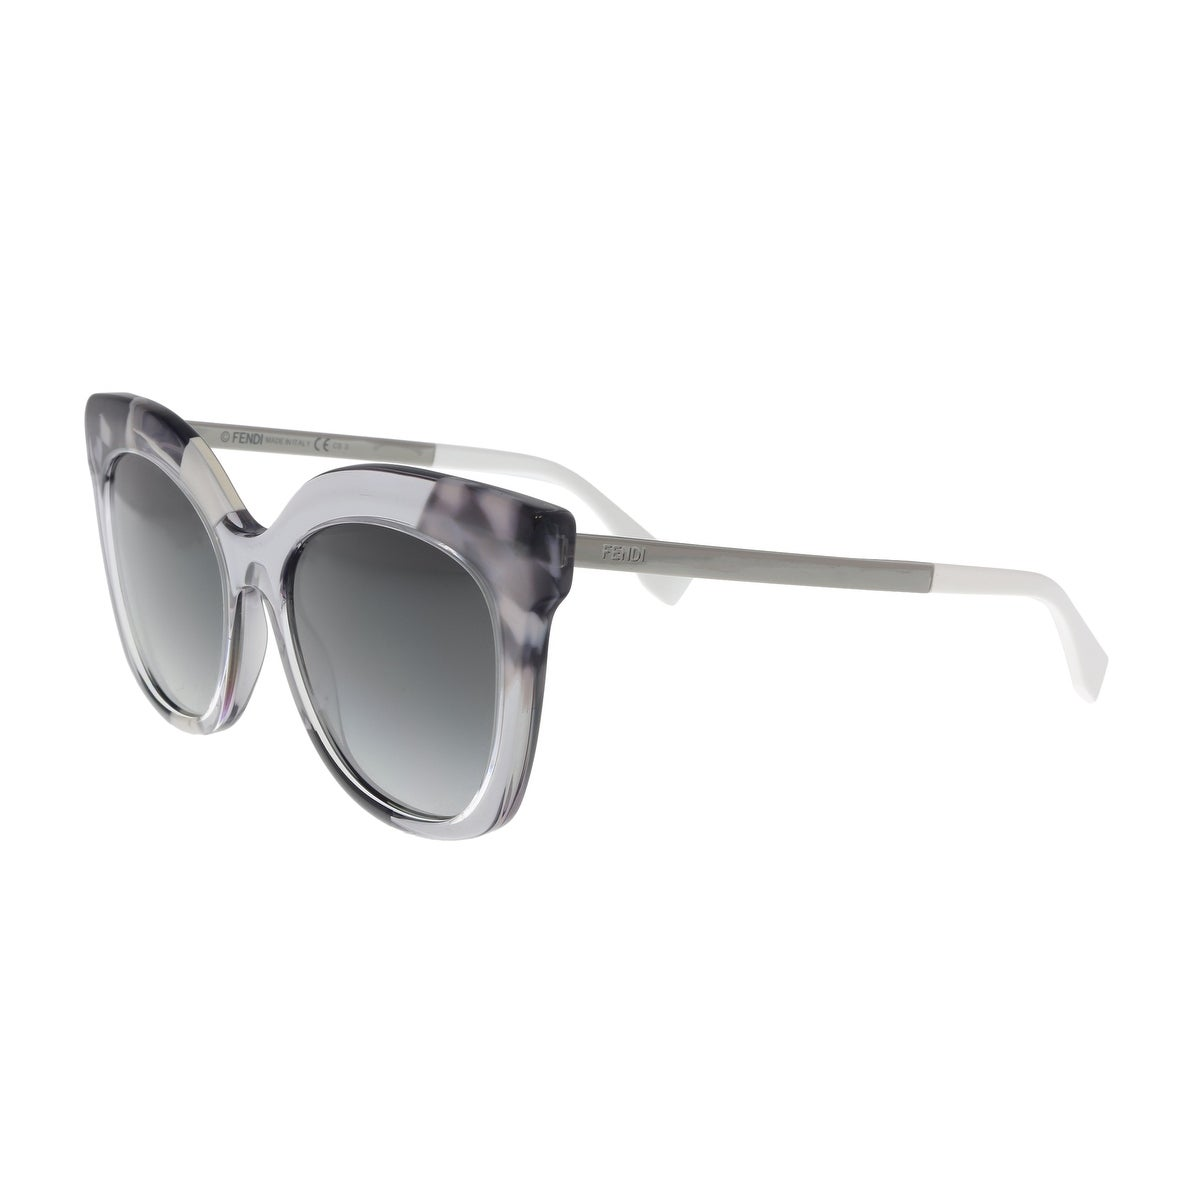 46e859c459c6 Square Fendi Sunglasses   Shop our Best Clothing & Shoes Deals Online at  Overstock